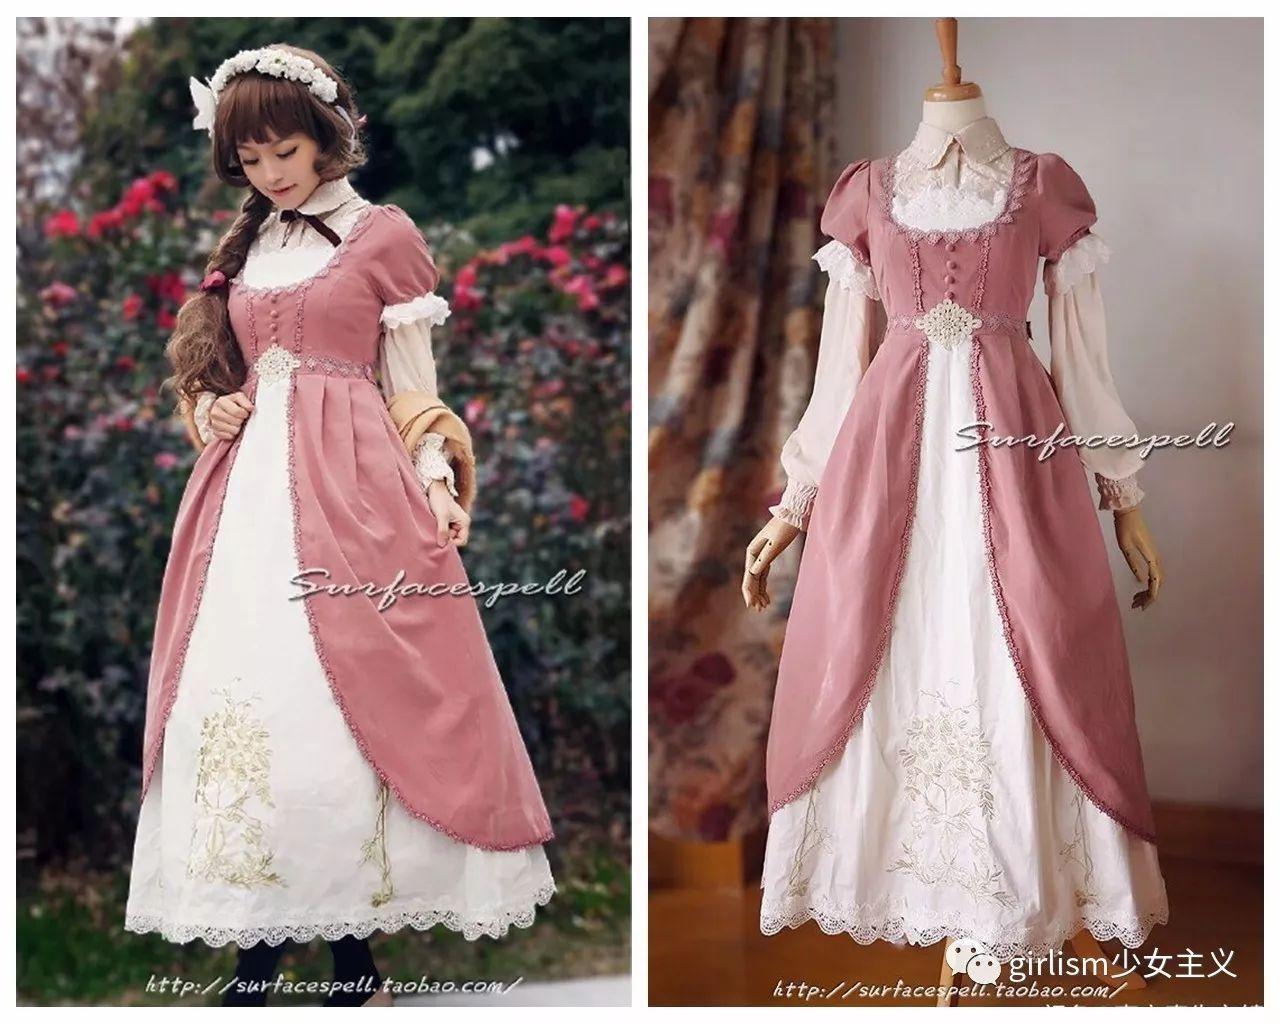 欧洲女装的多样性成为了各种风格的lolita服饰的设计灵感,那么帝政风